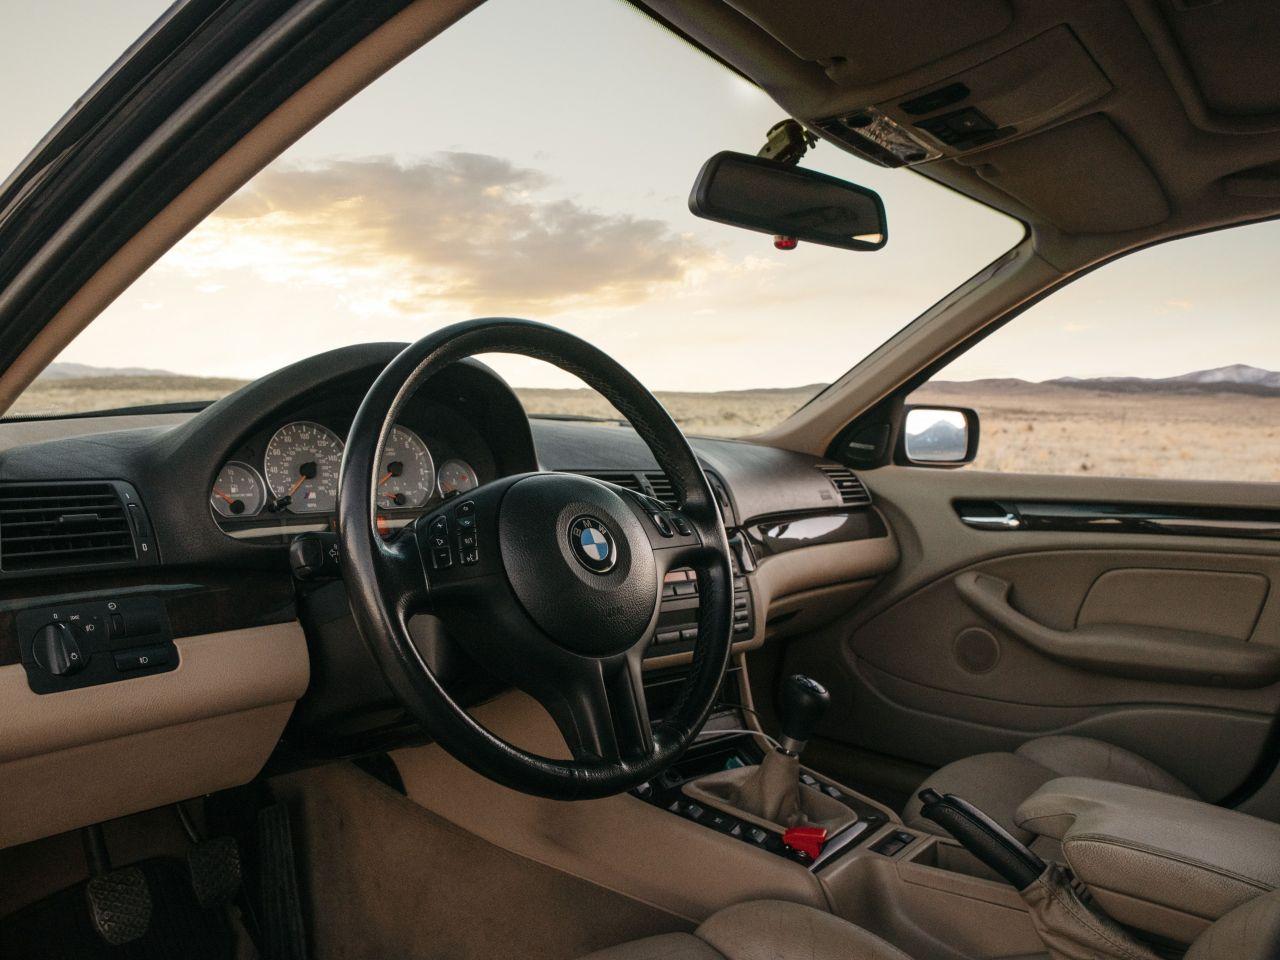 BMW E46 Touring swap M3 & XDrive - Pourquoi ils ne l'ont pas produite ?! 22